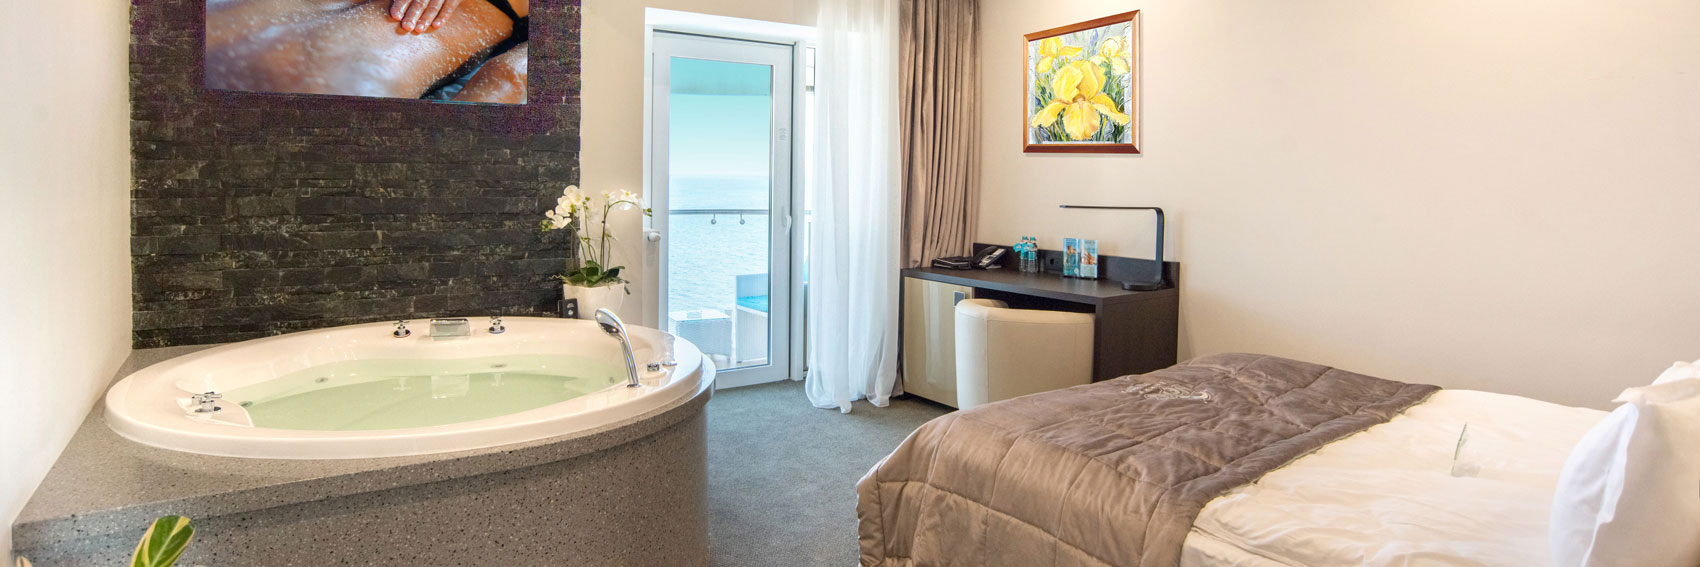 Сімейний люкс в RESORT & SPA HOTEL NEMO, фото № 1